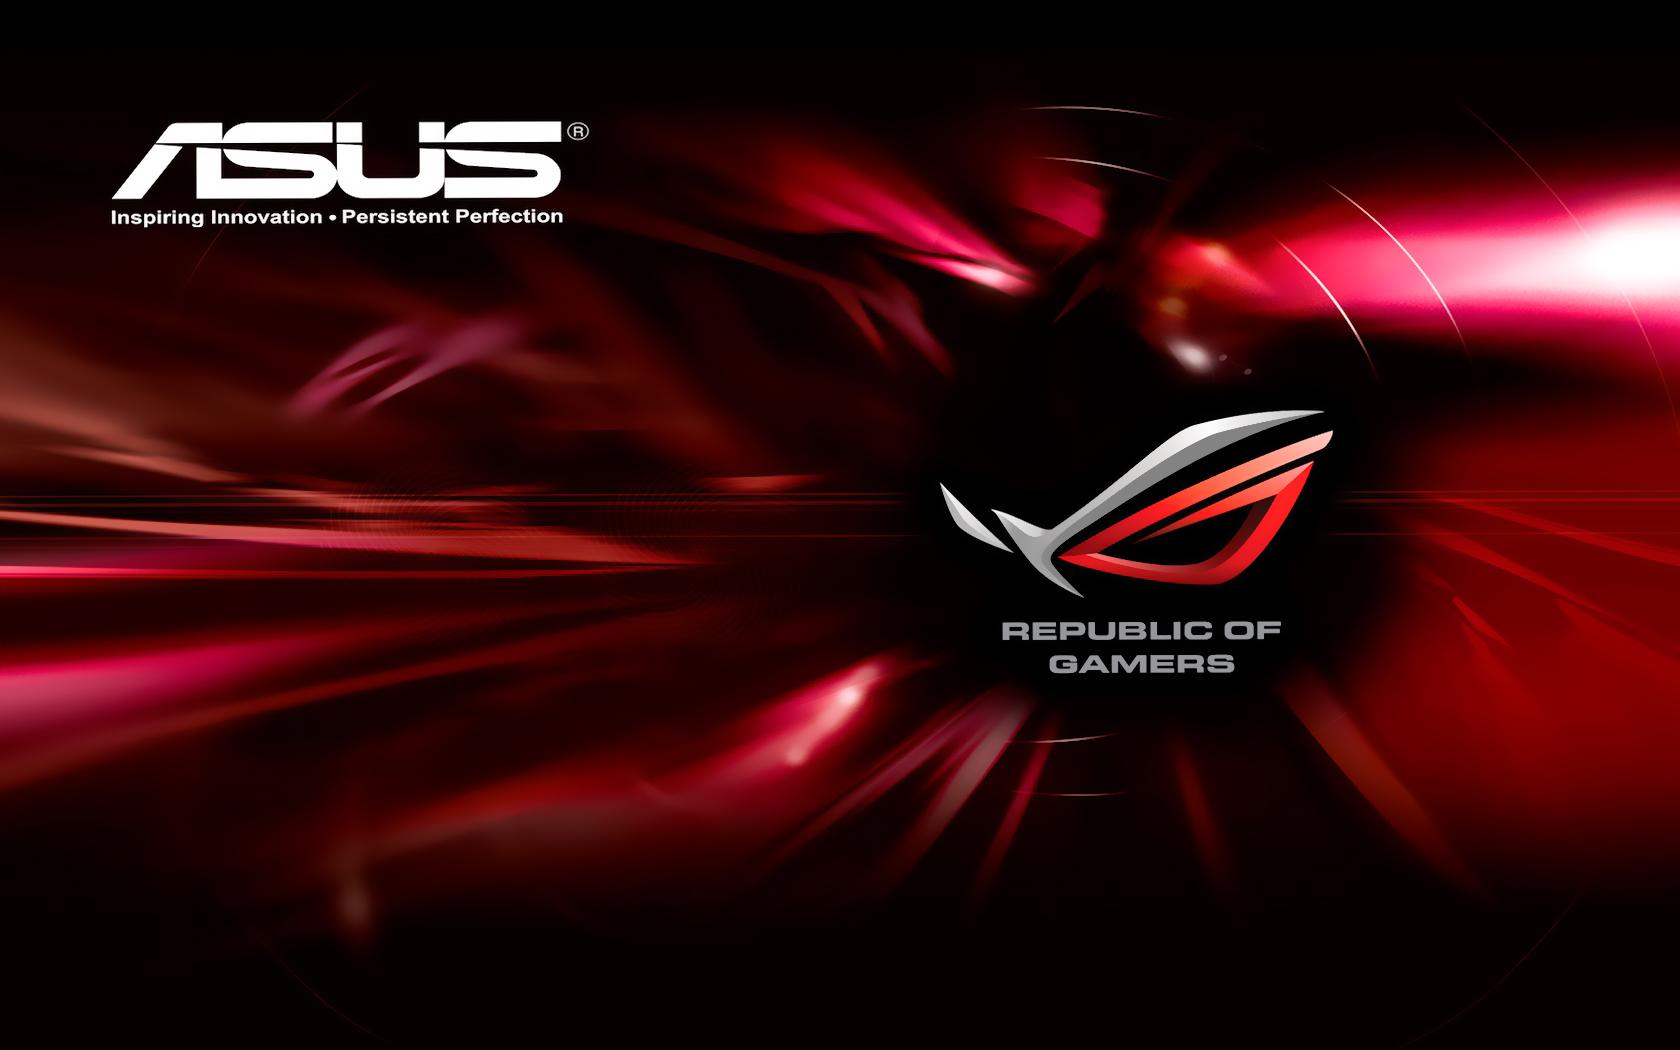 Asus Computer Wallpapers Desktop Backgrounds 1680x1050 ID177613 1680x1050